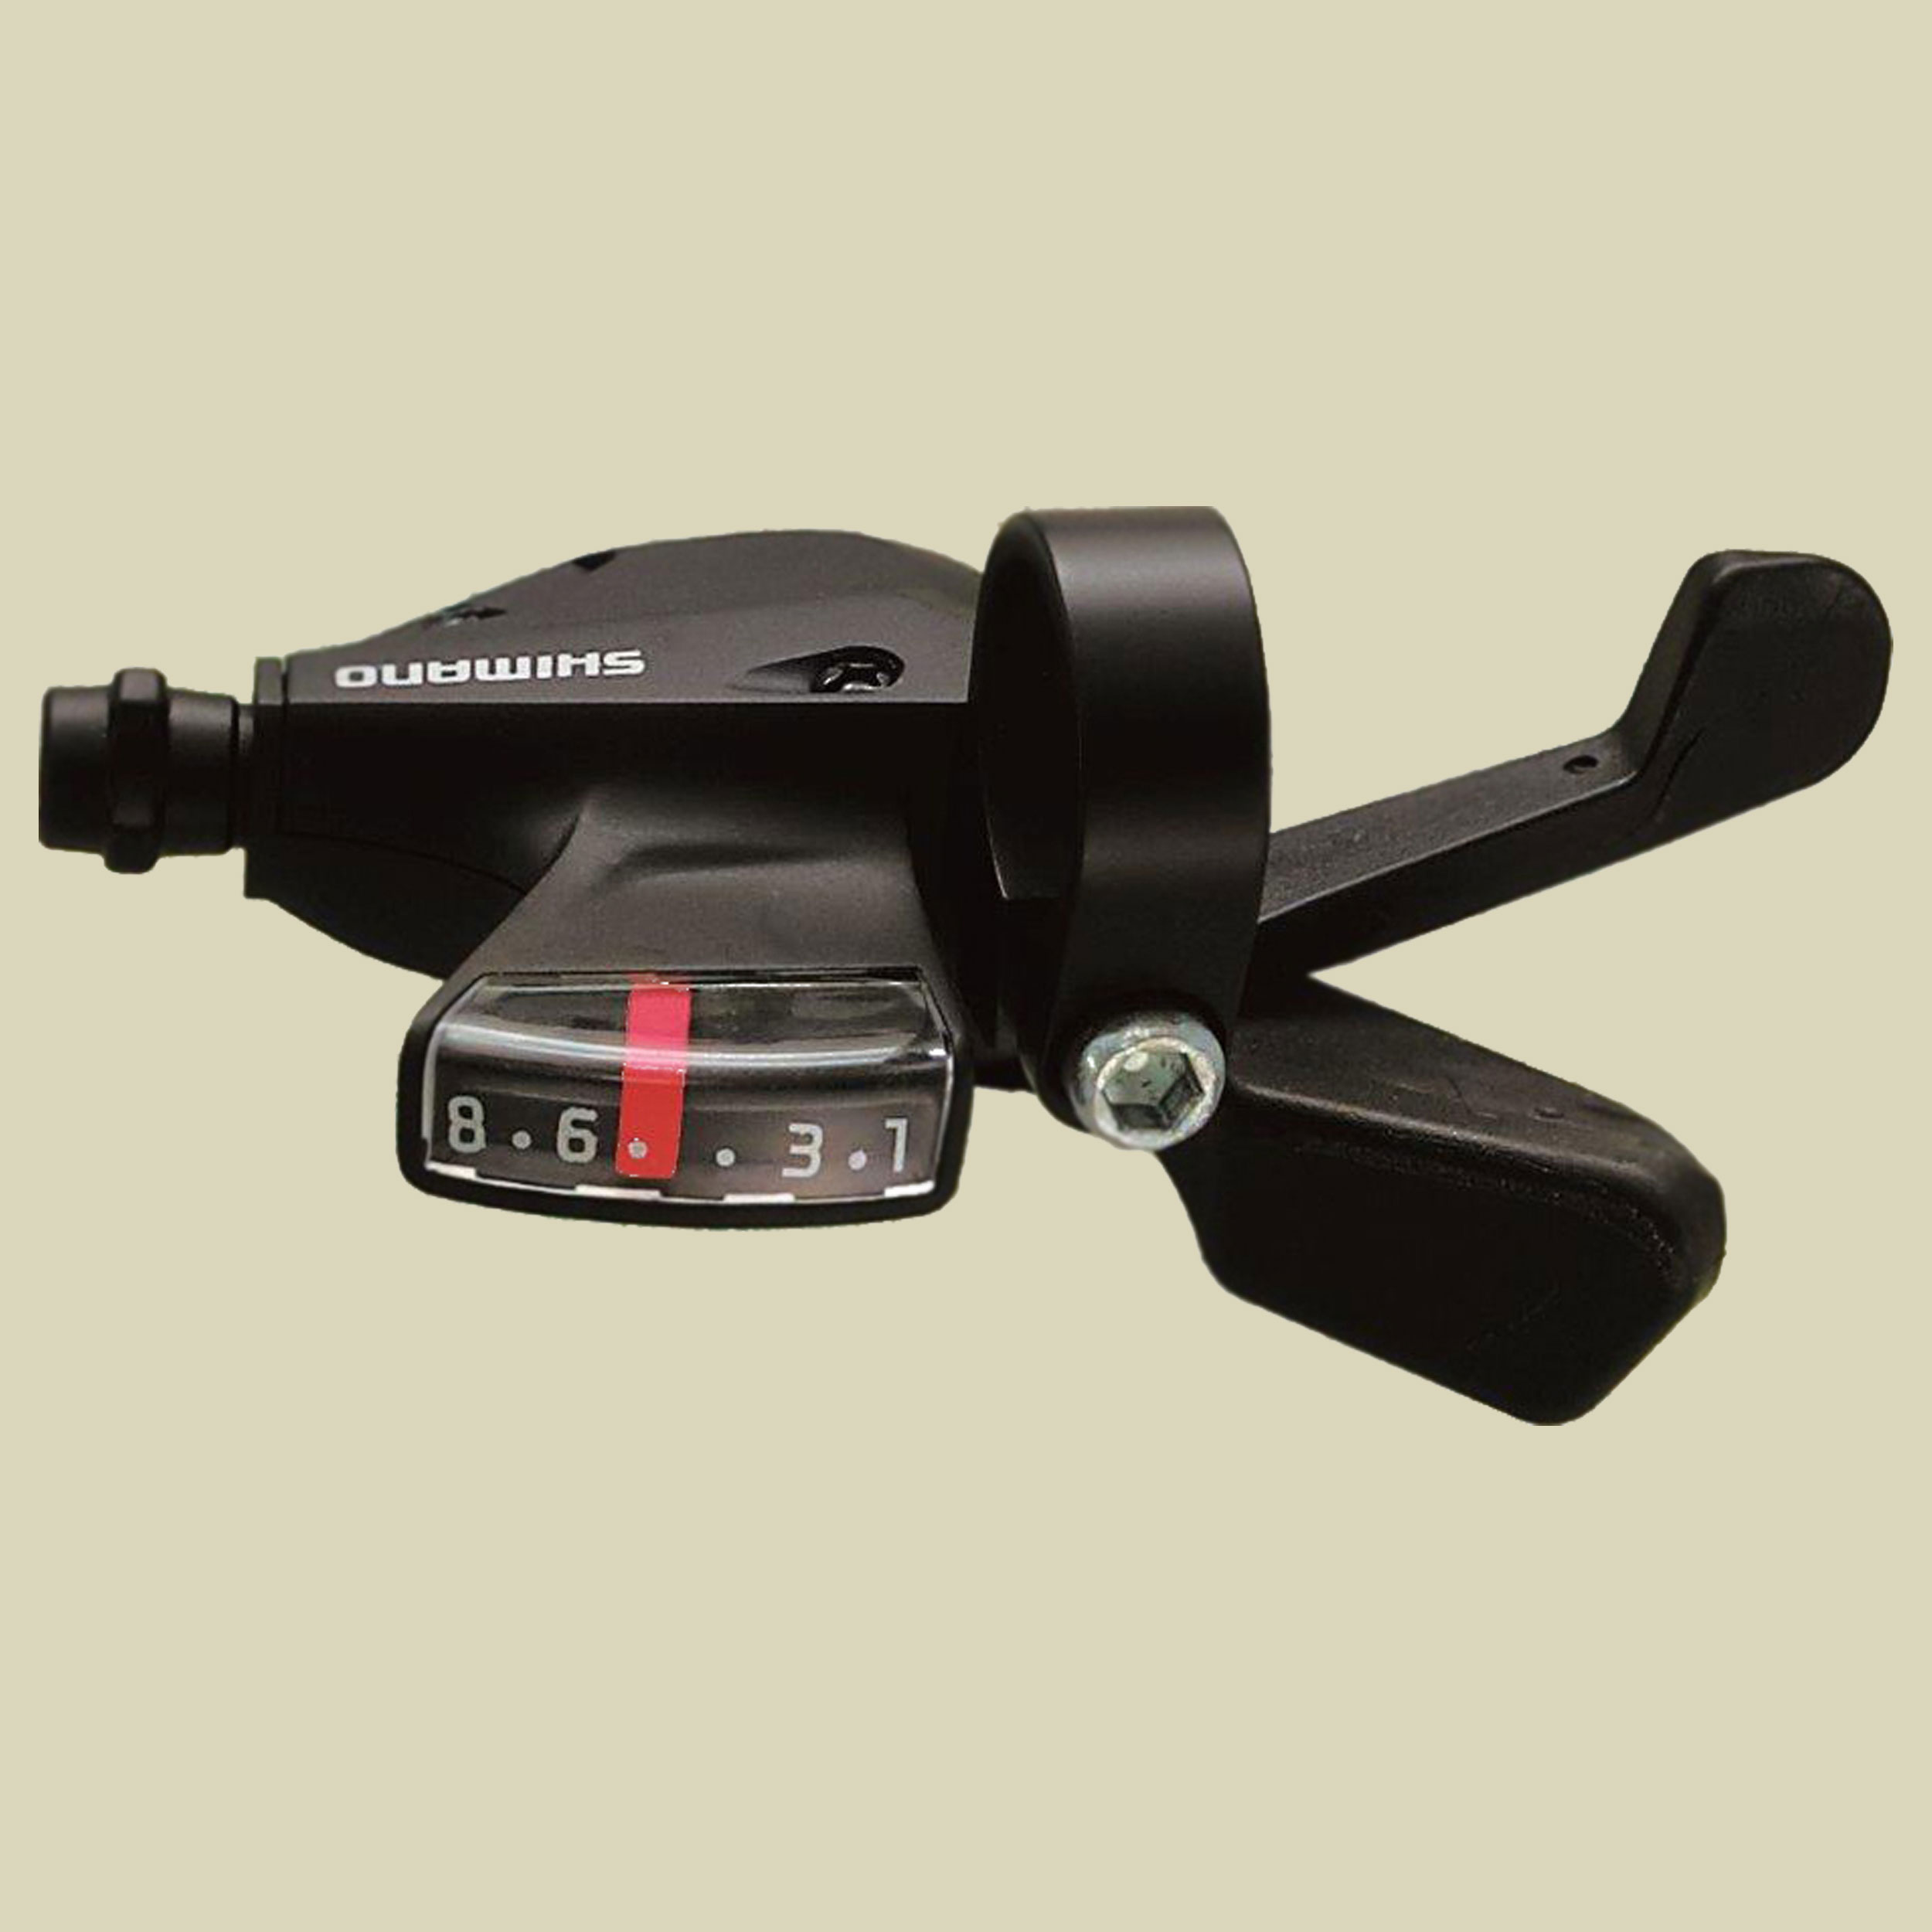 Shimano Schalthebel Altus MTB SL-M310 Schalthebel rechts 7-fach